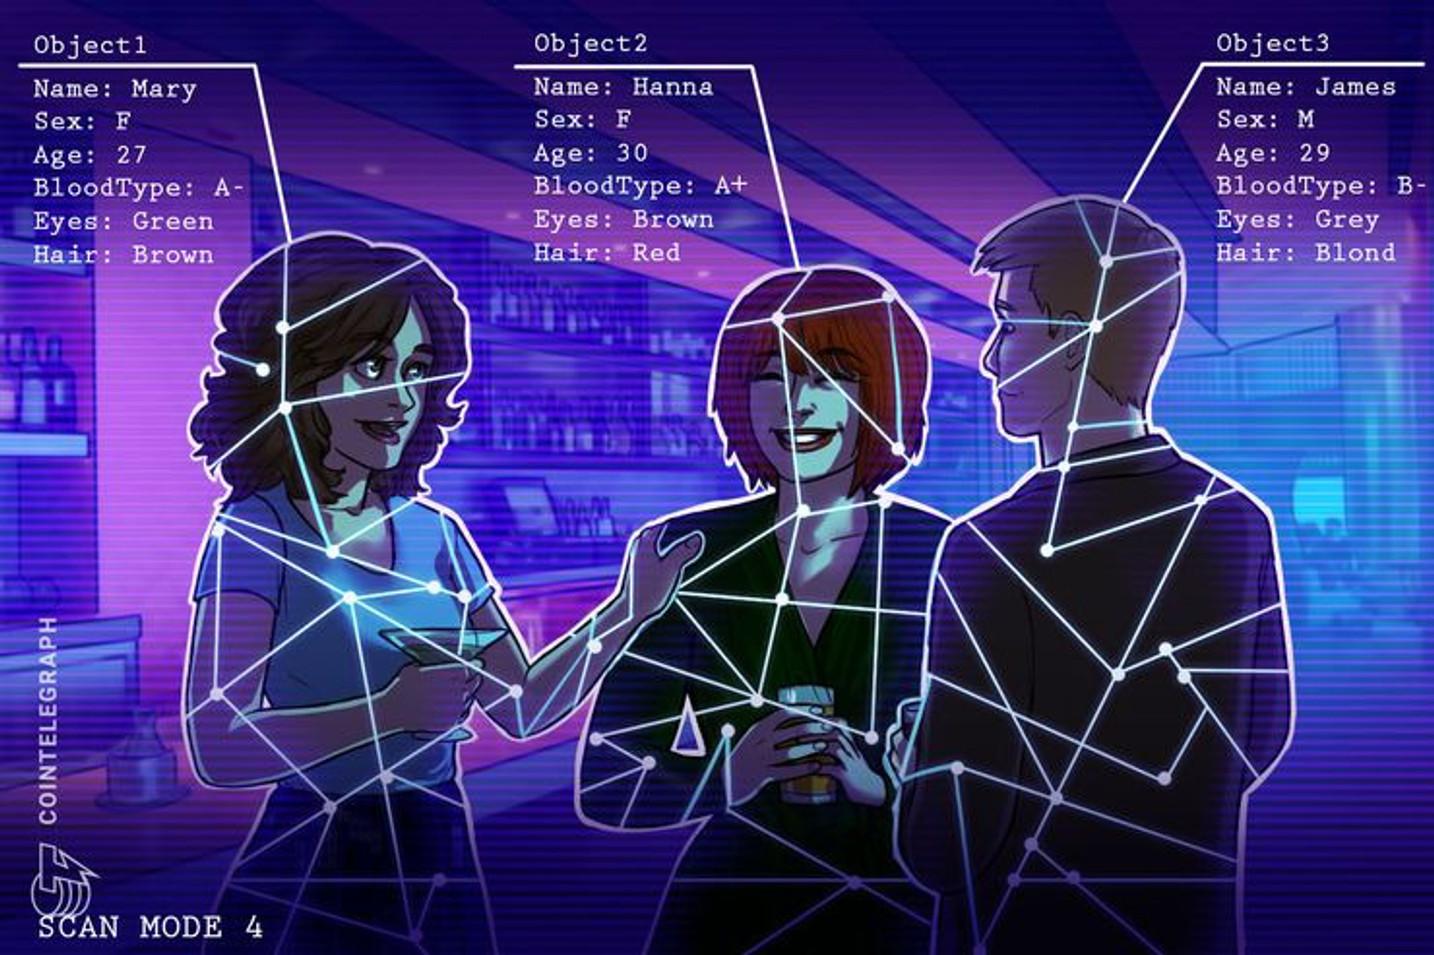 Sistema de Identificación Digital con tecnología Blockchain de Cataluña es bloqueado por España